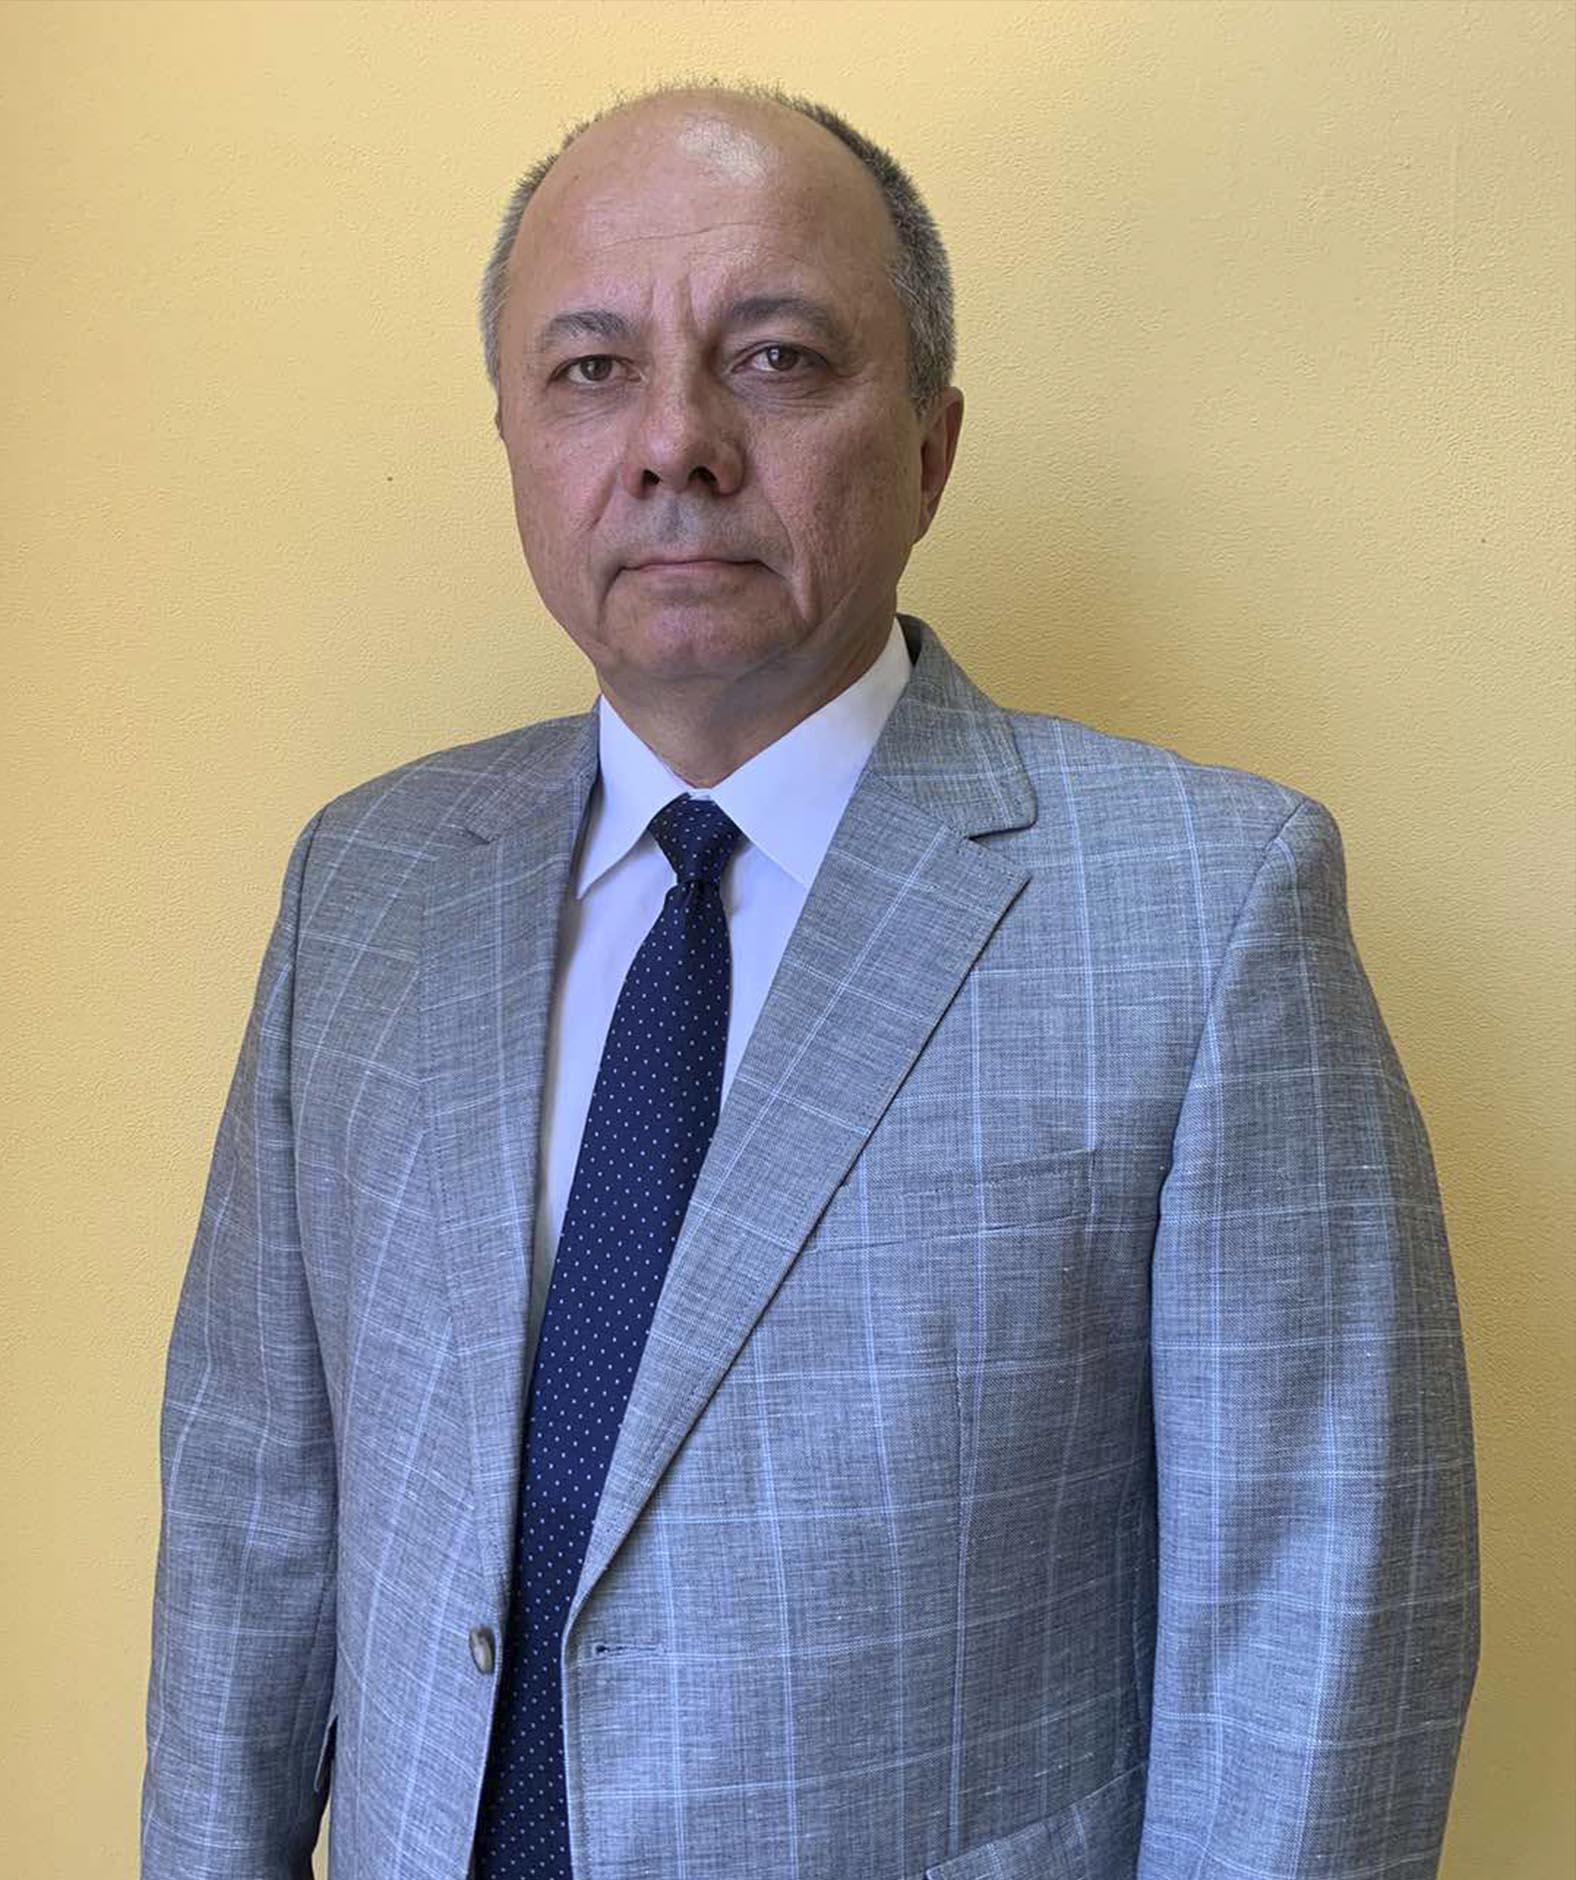 Генеральний директор ТОВ «БТФ-Колтюбінг»